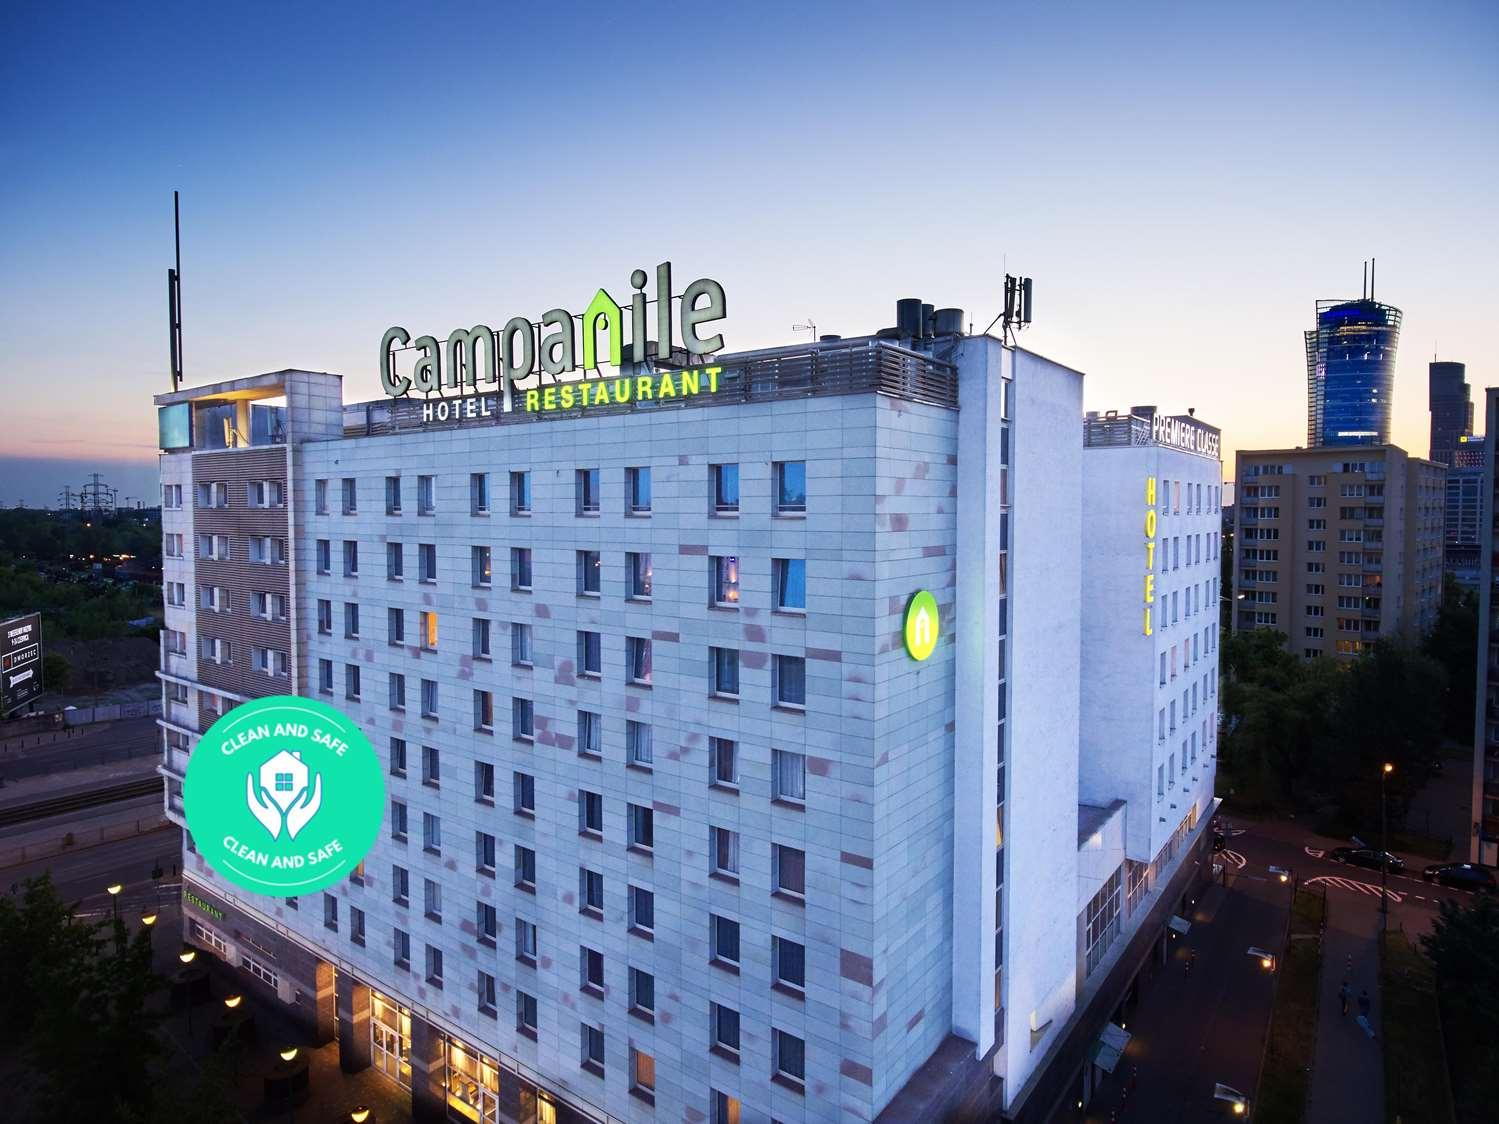 HOTEL CAMPANILE VARSOVIE / WARSZAWA